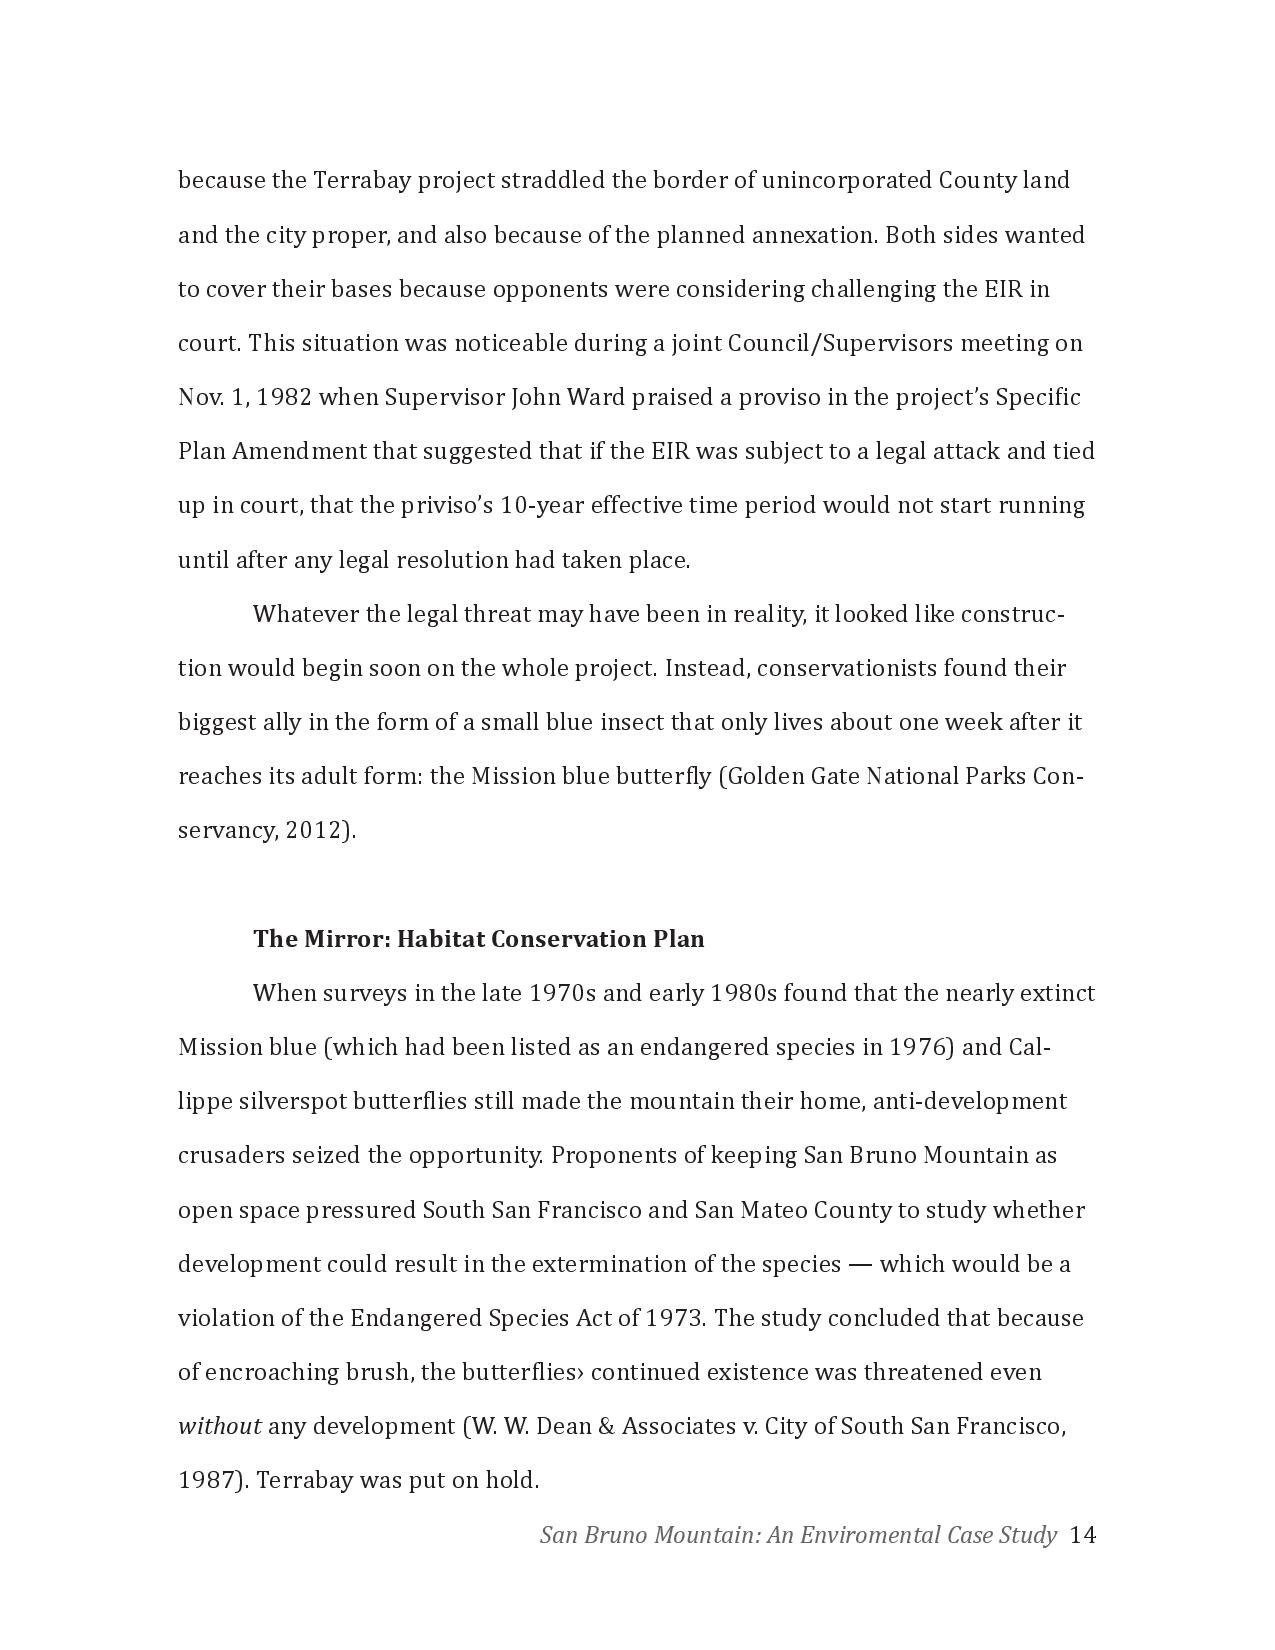 SBM An Environmental Case Study J Baker-page-014